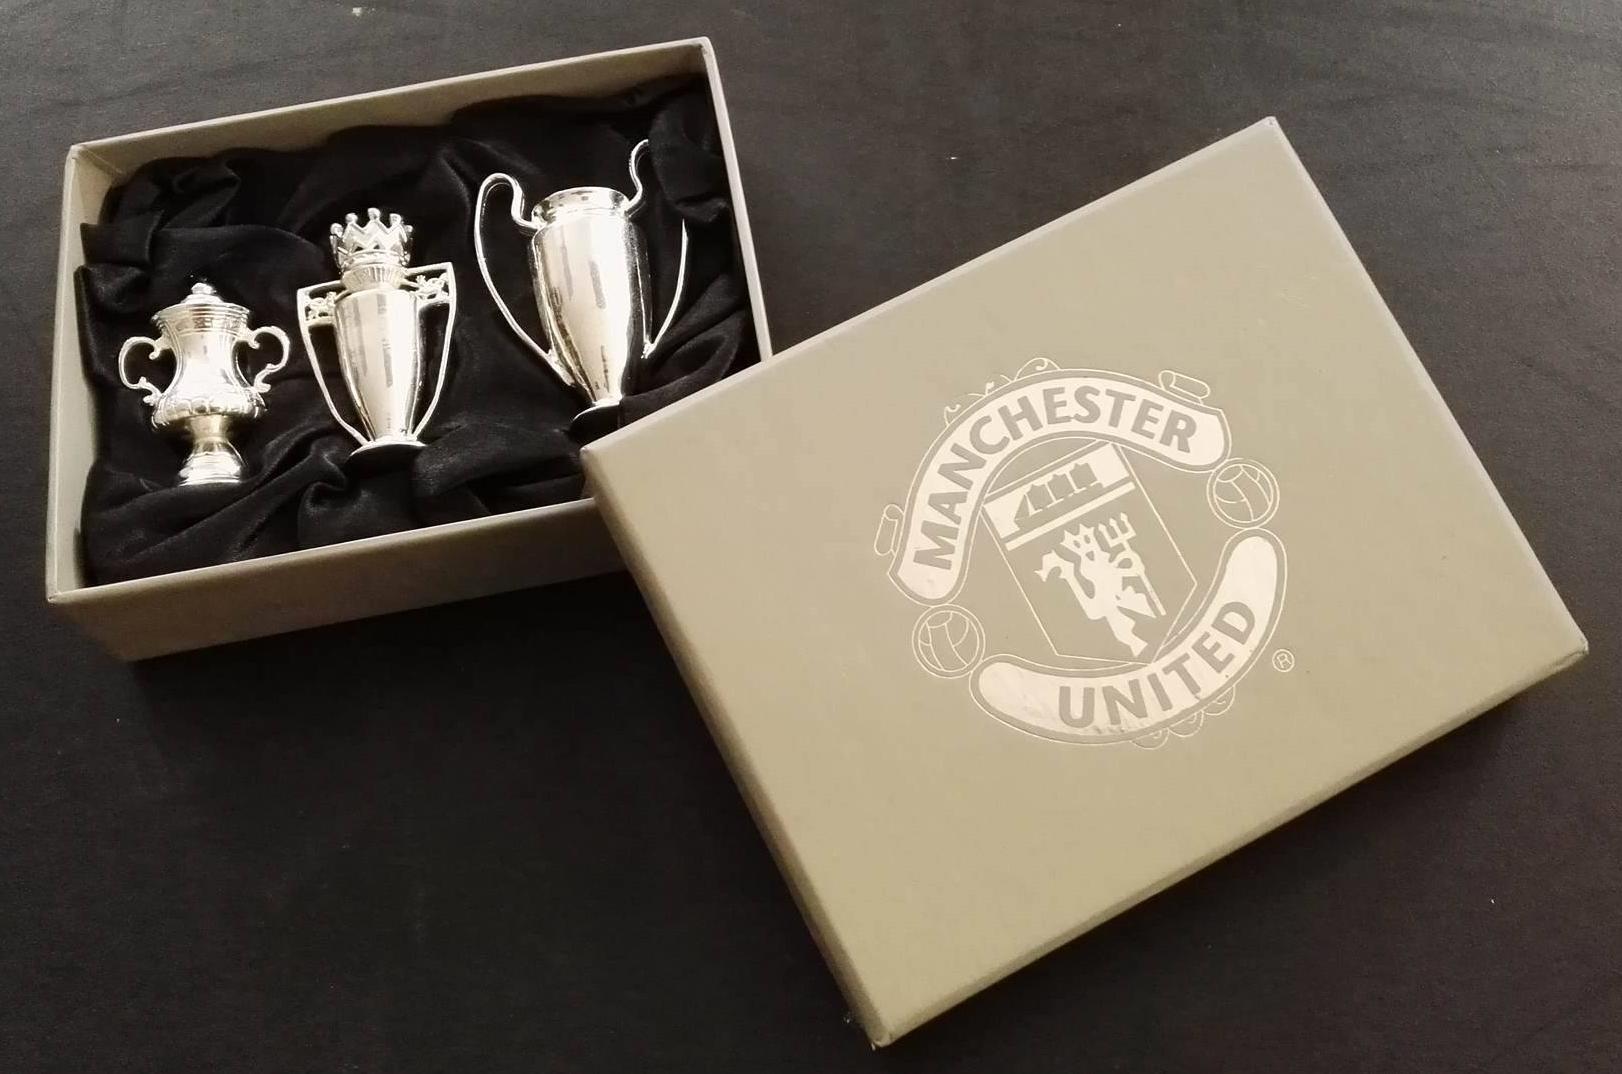 Manchester United treble memorabilia